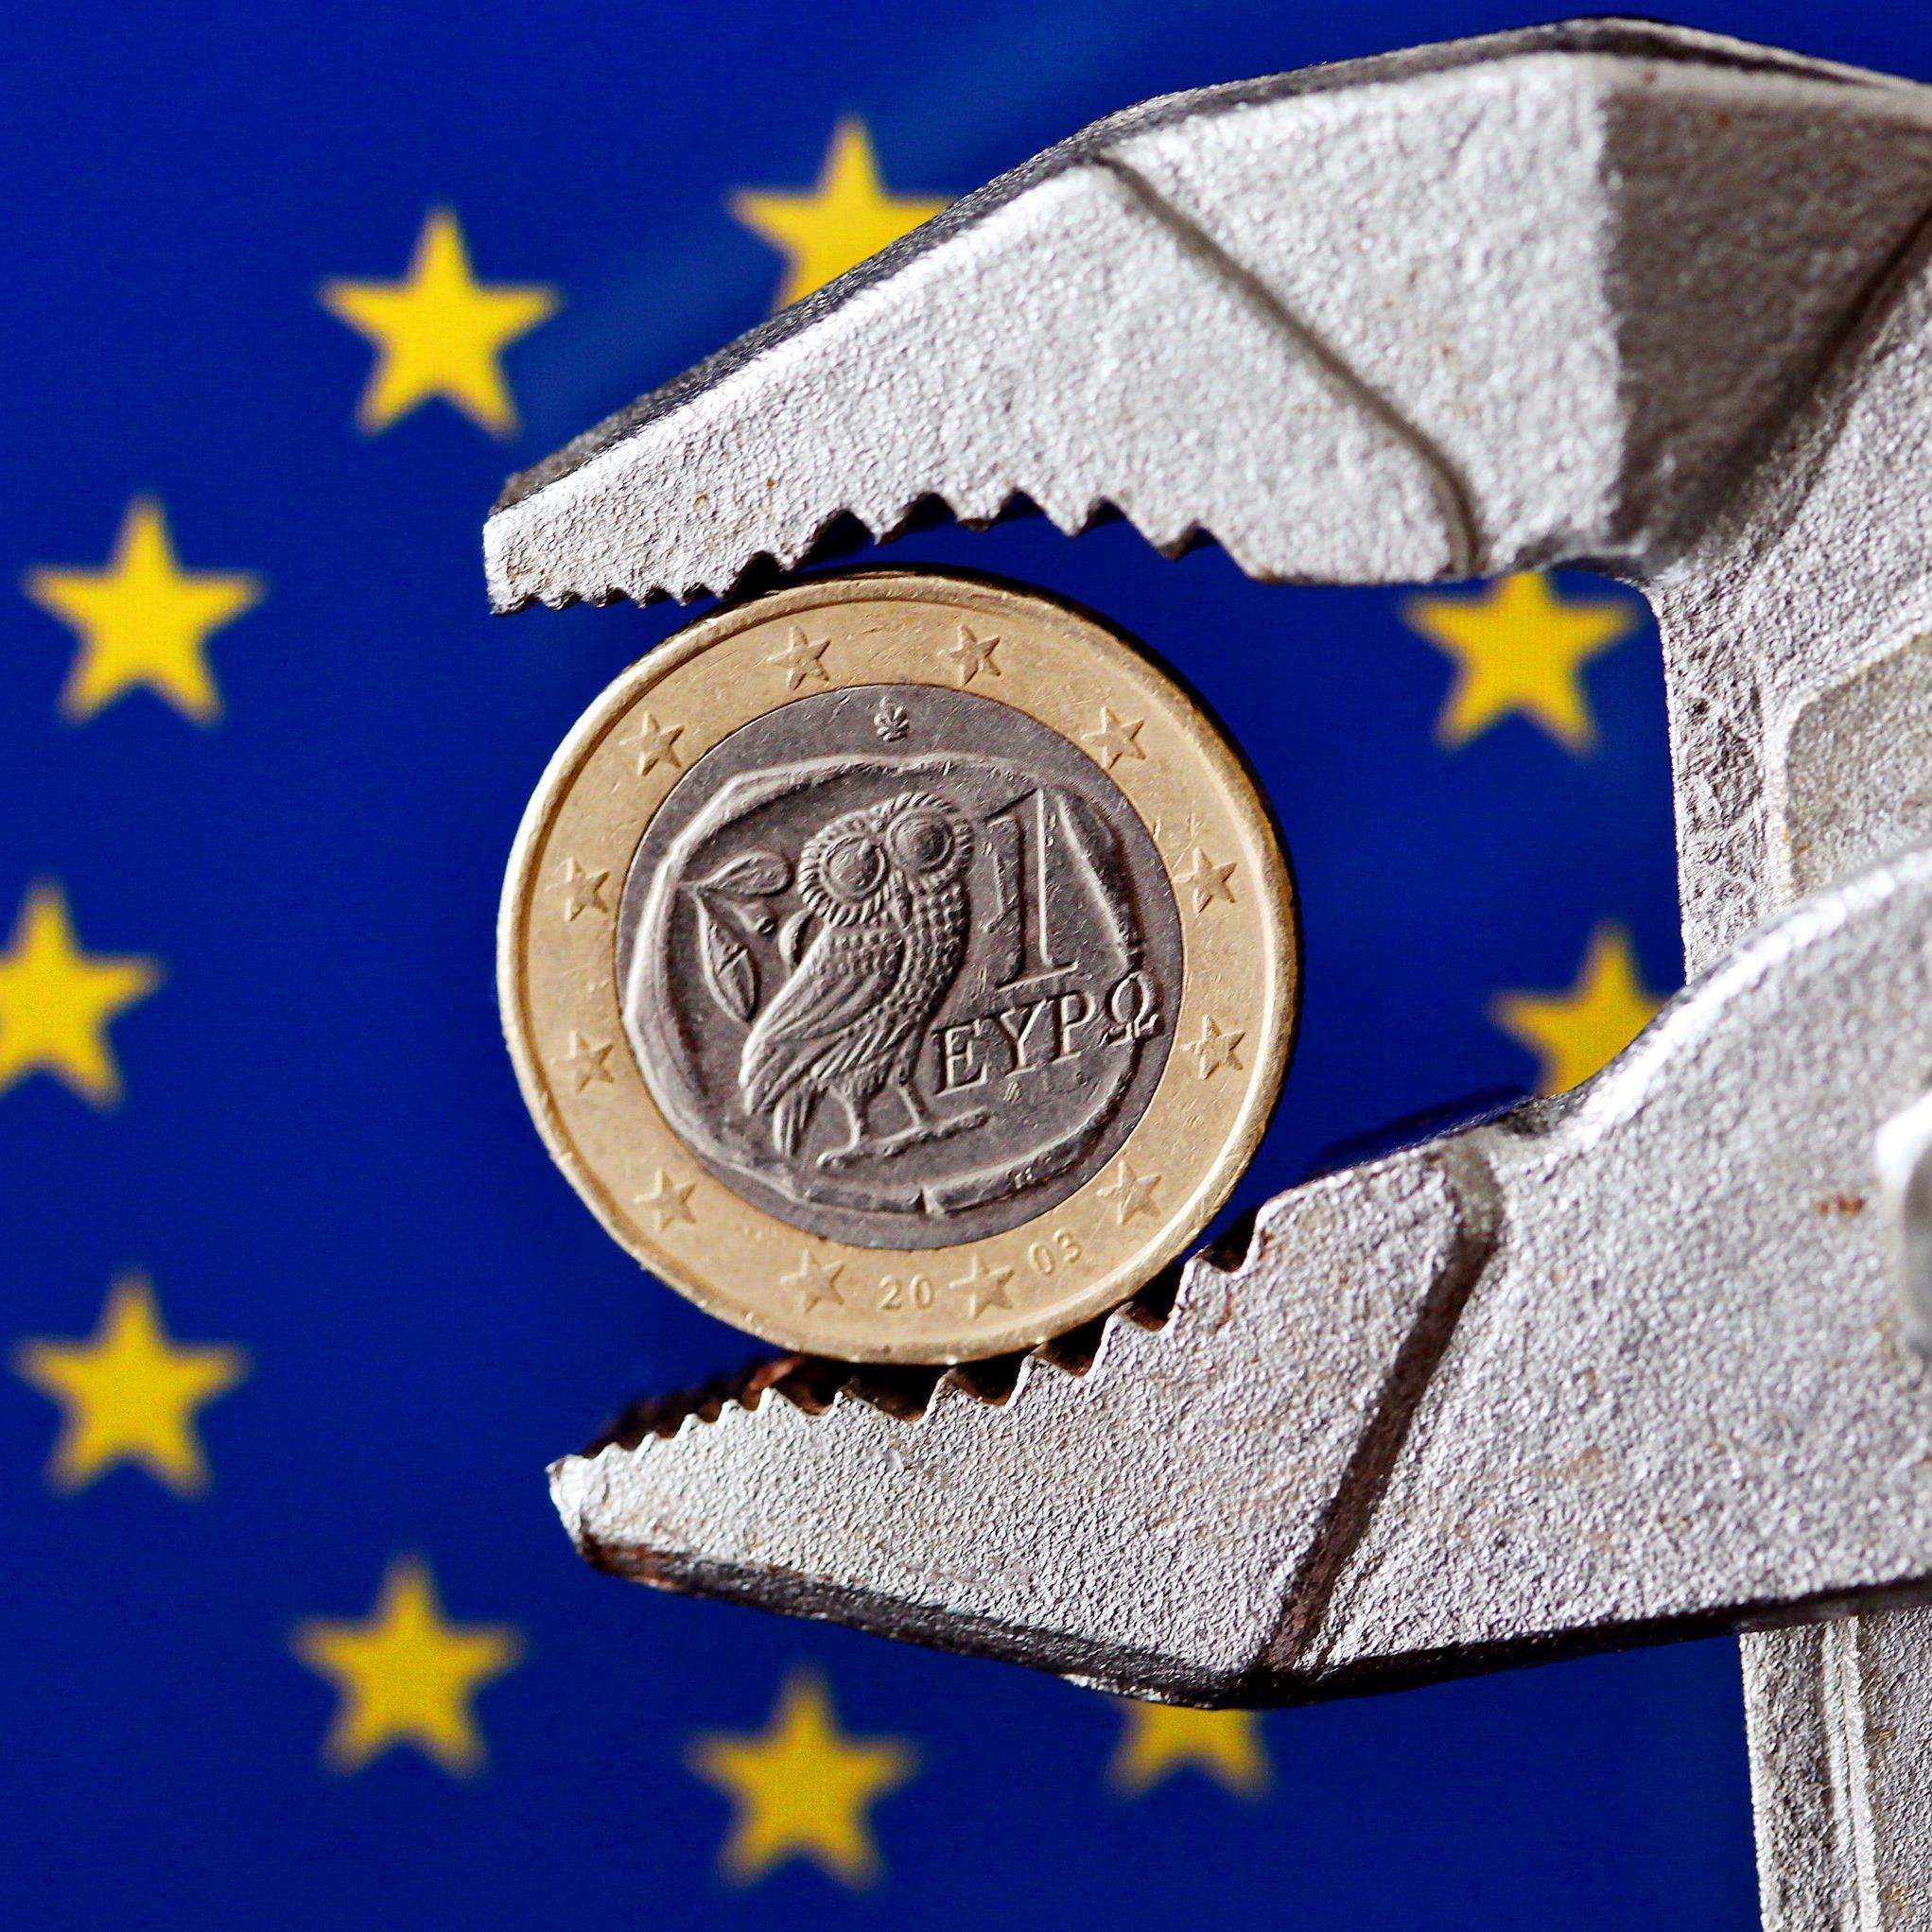 Griechenland würde bei Steuerhinterziehung zu wenig durchgreifen.